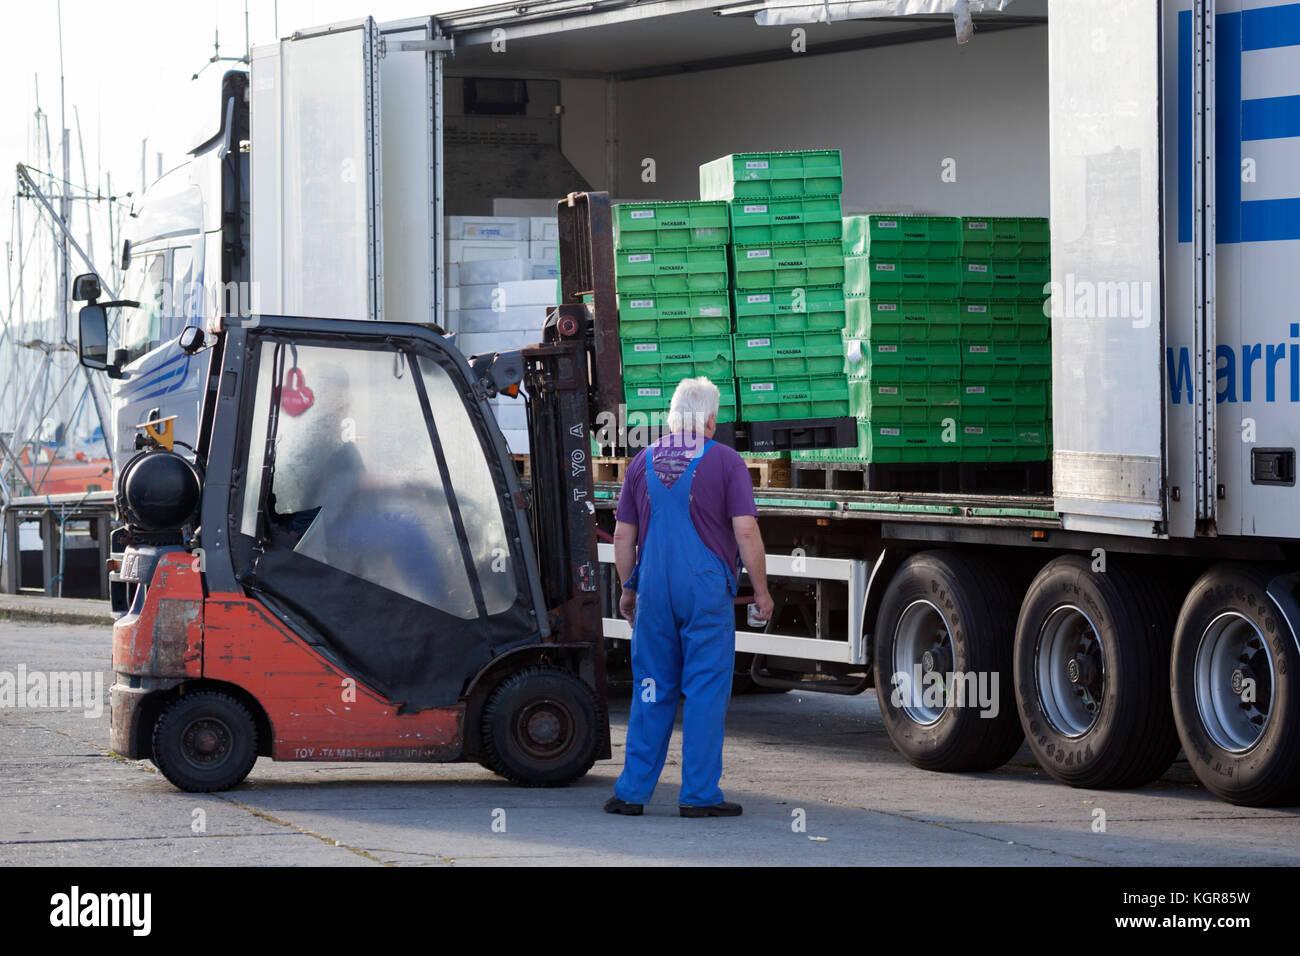 Loading fish palettes into back of lorry, Gilleleje, Kattegat Coast, Zealand, Denmark, Europe - Stock Image